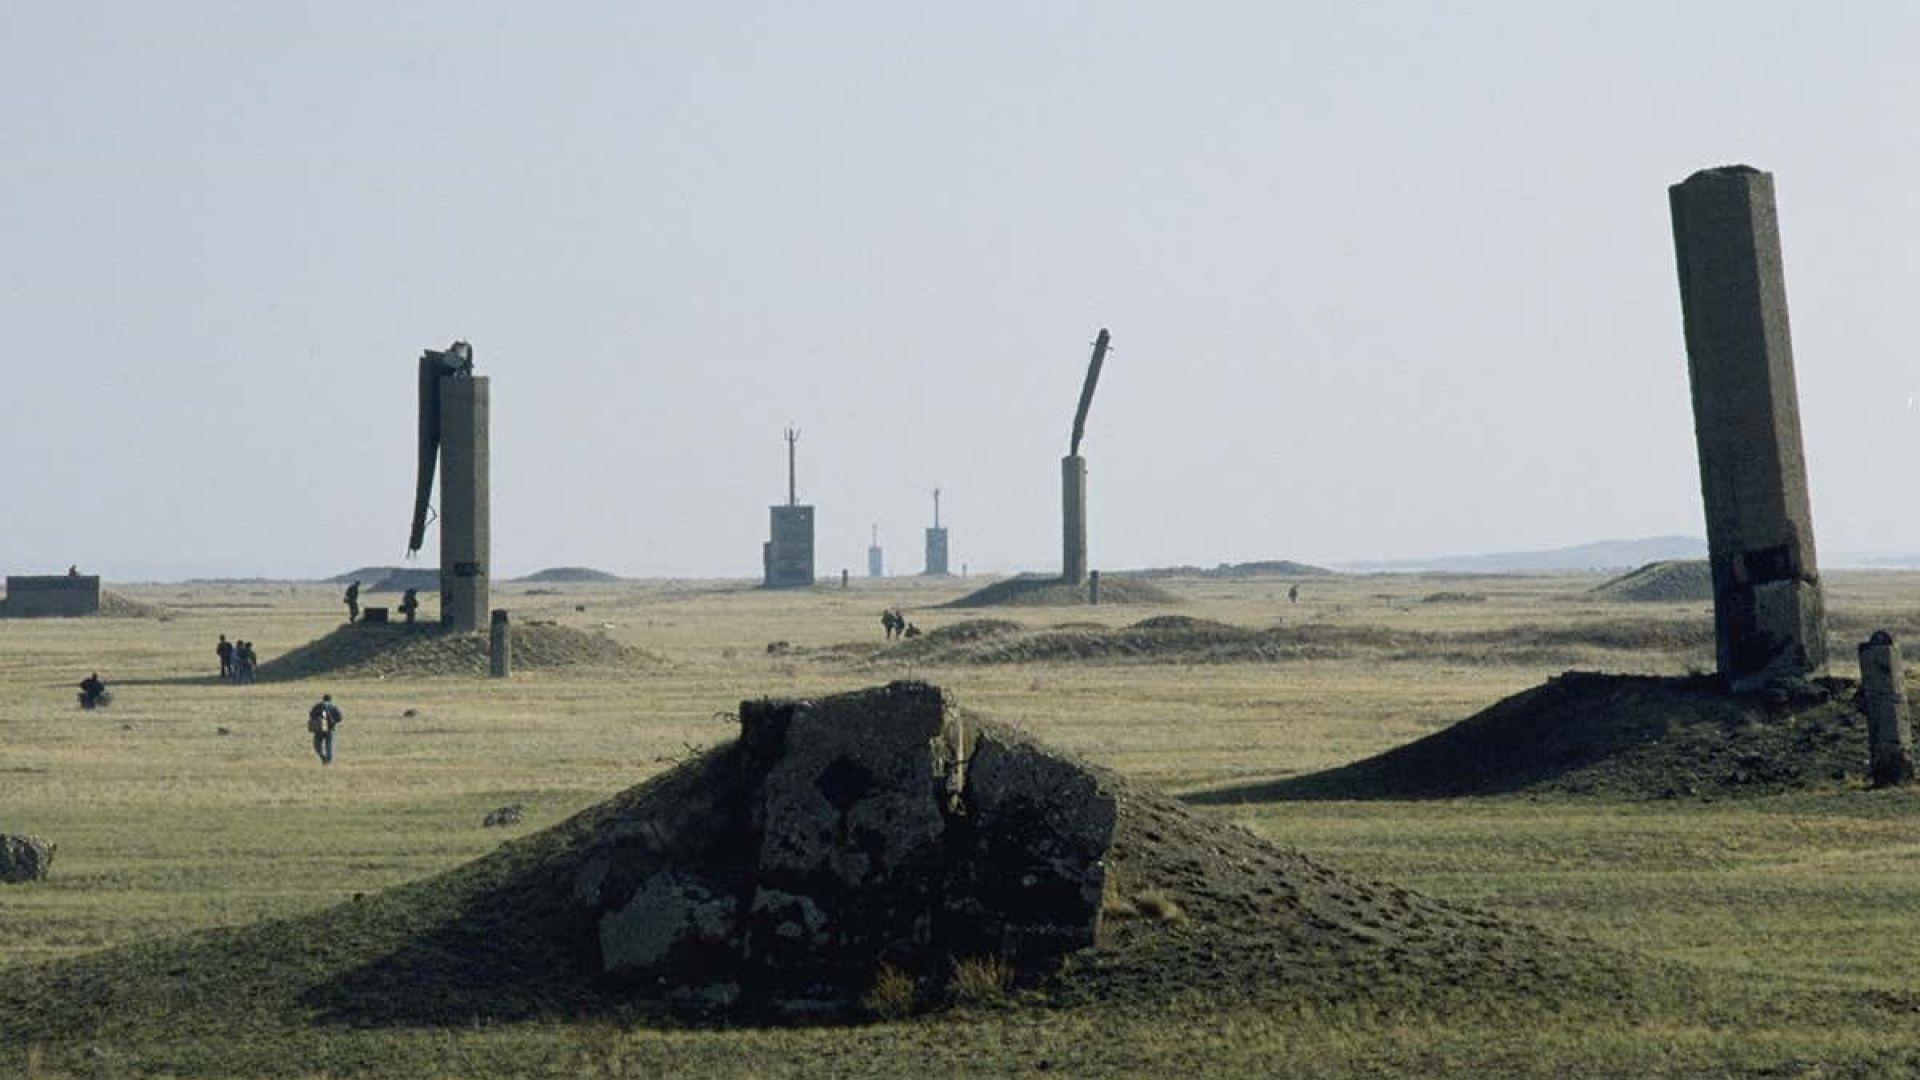 Ако на мястото на Станислав Петров бе стоял друг човек, светът днес можеше да е превърнат в радиационна пустиня